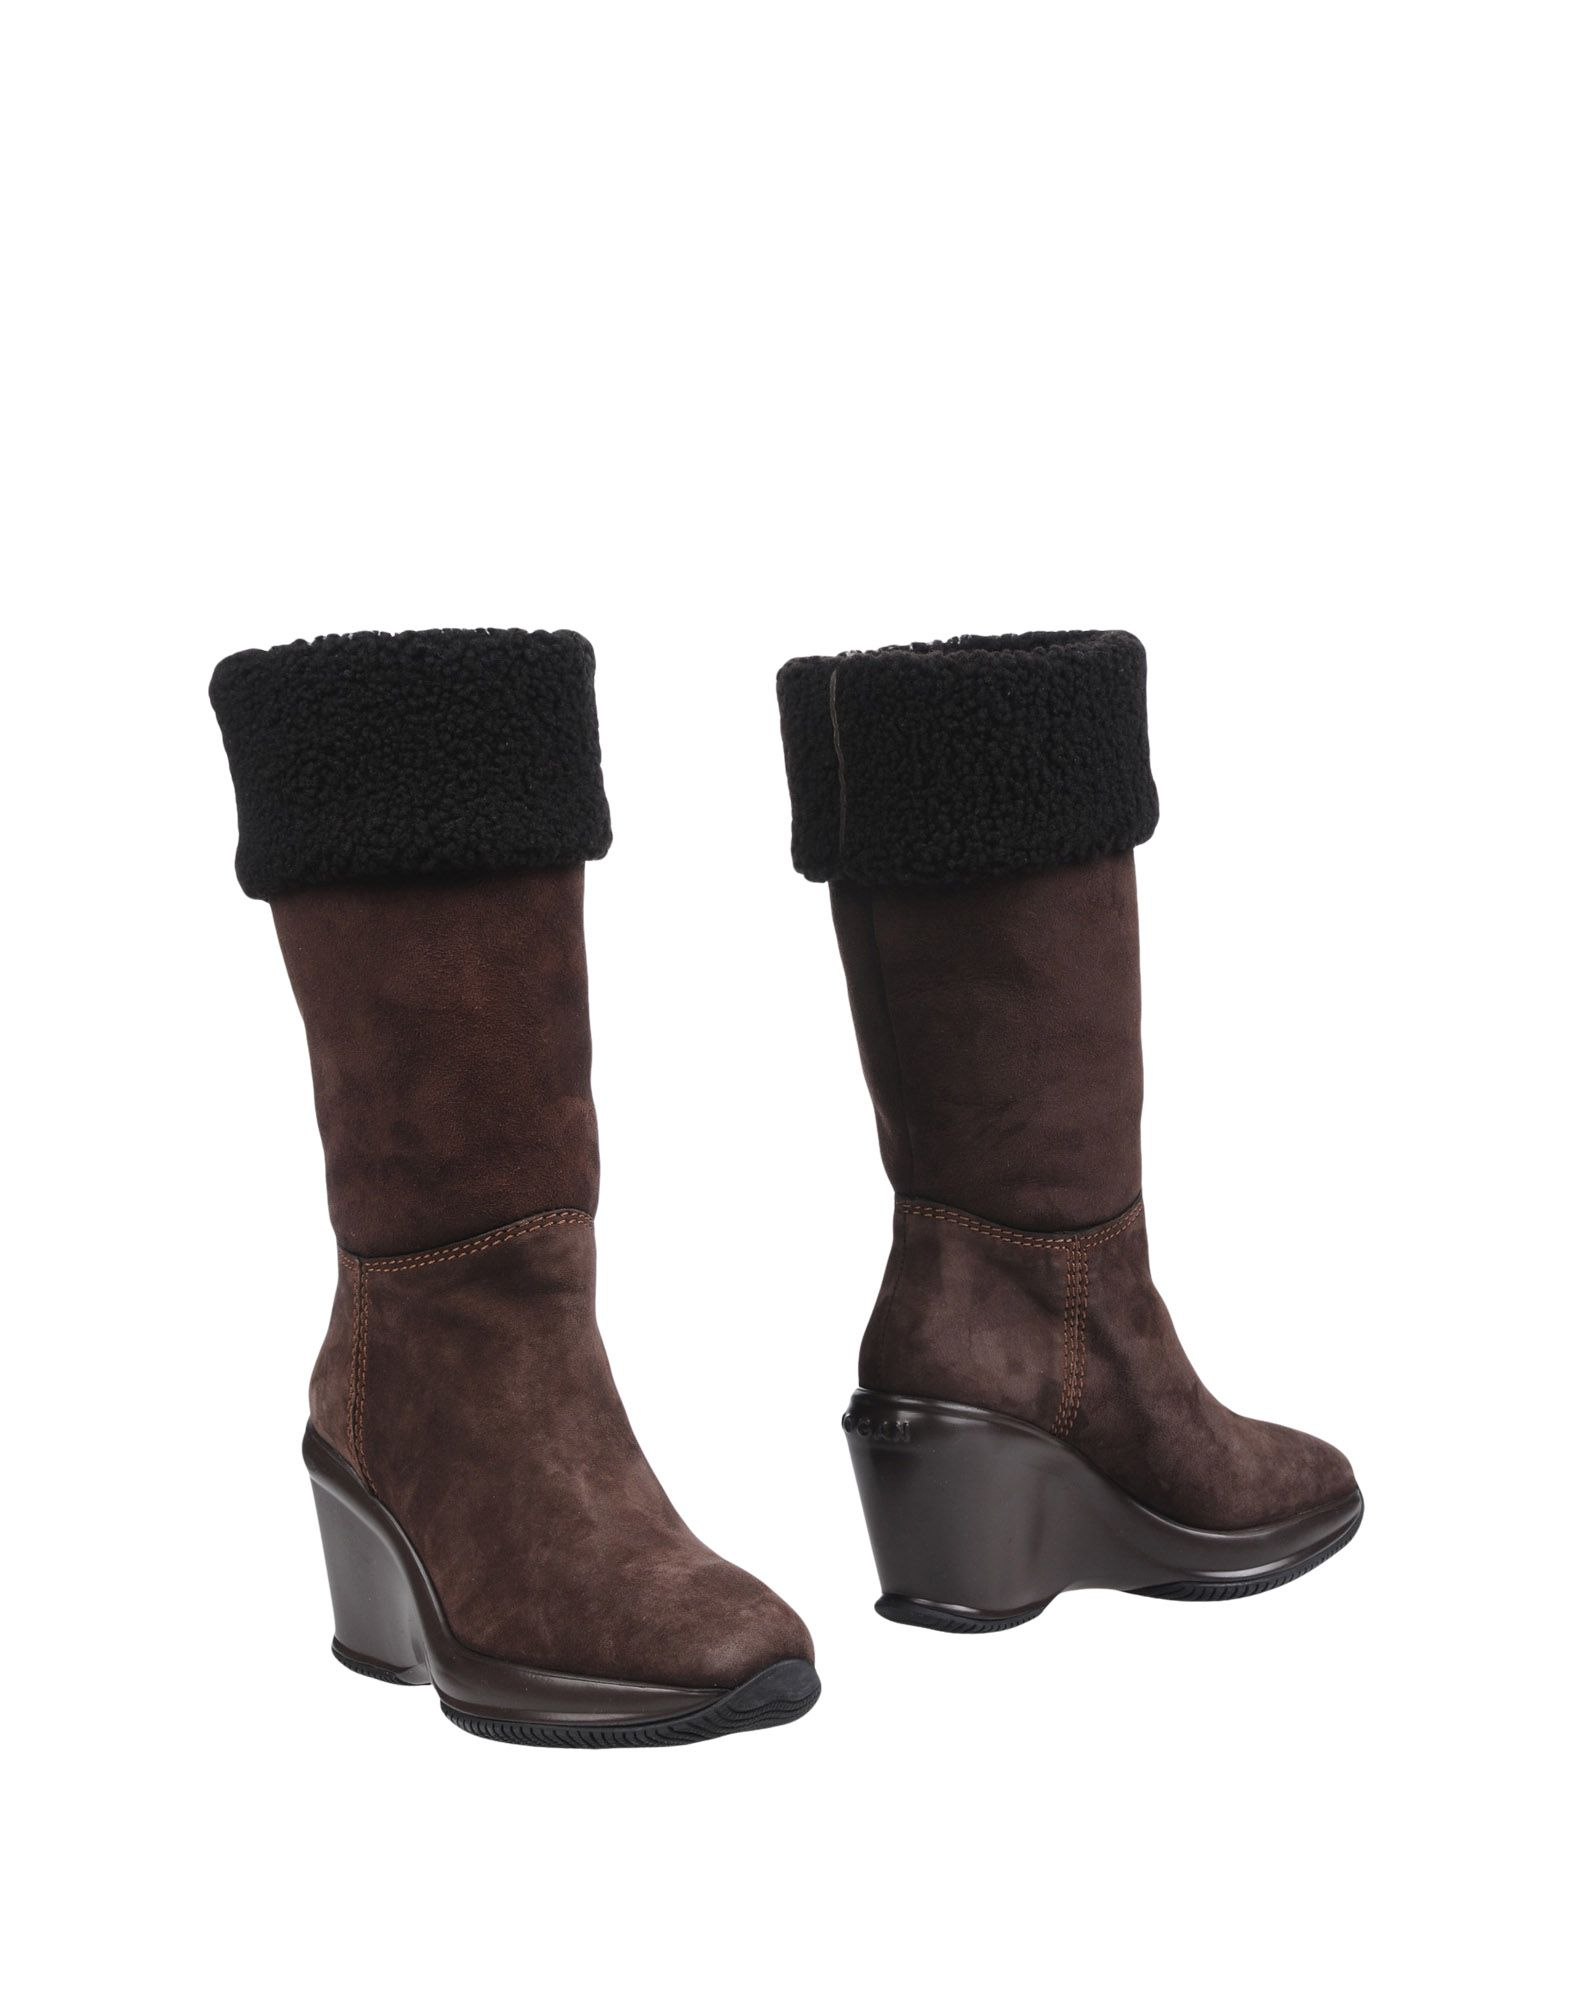 Rabatt Schuhe Damen Hogan Stiefel Damen Schuhe 11208161WT 54a29b